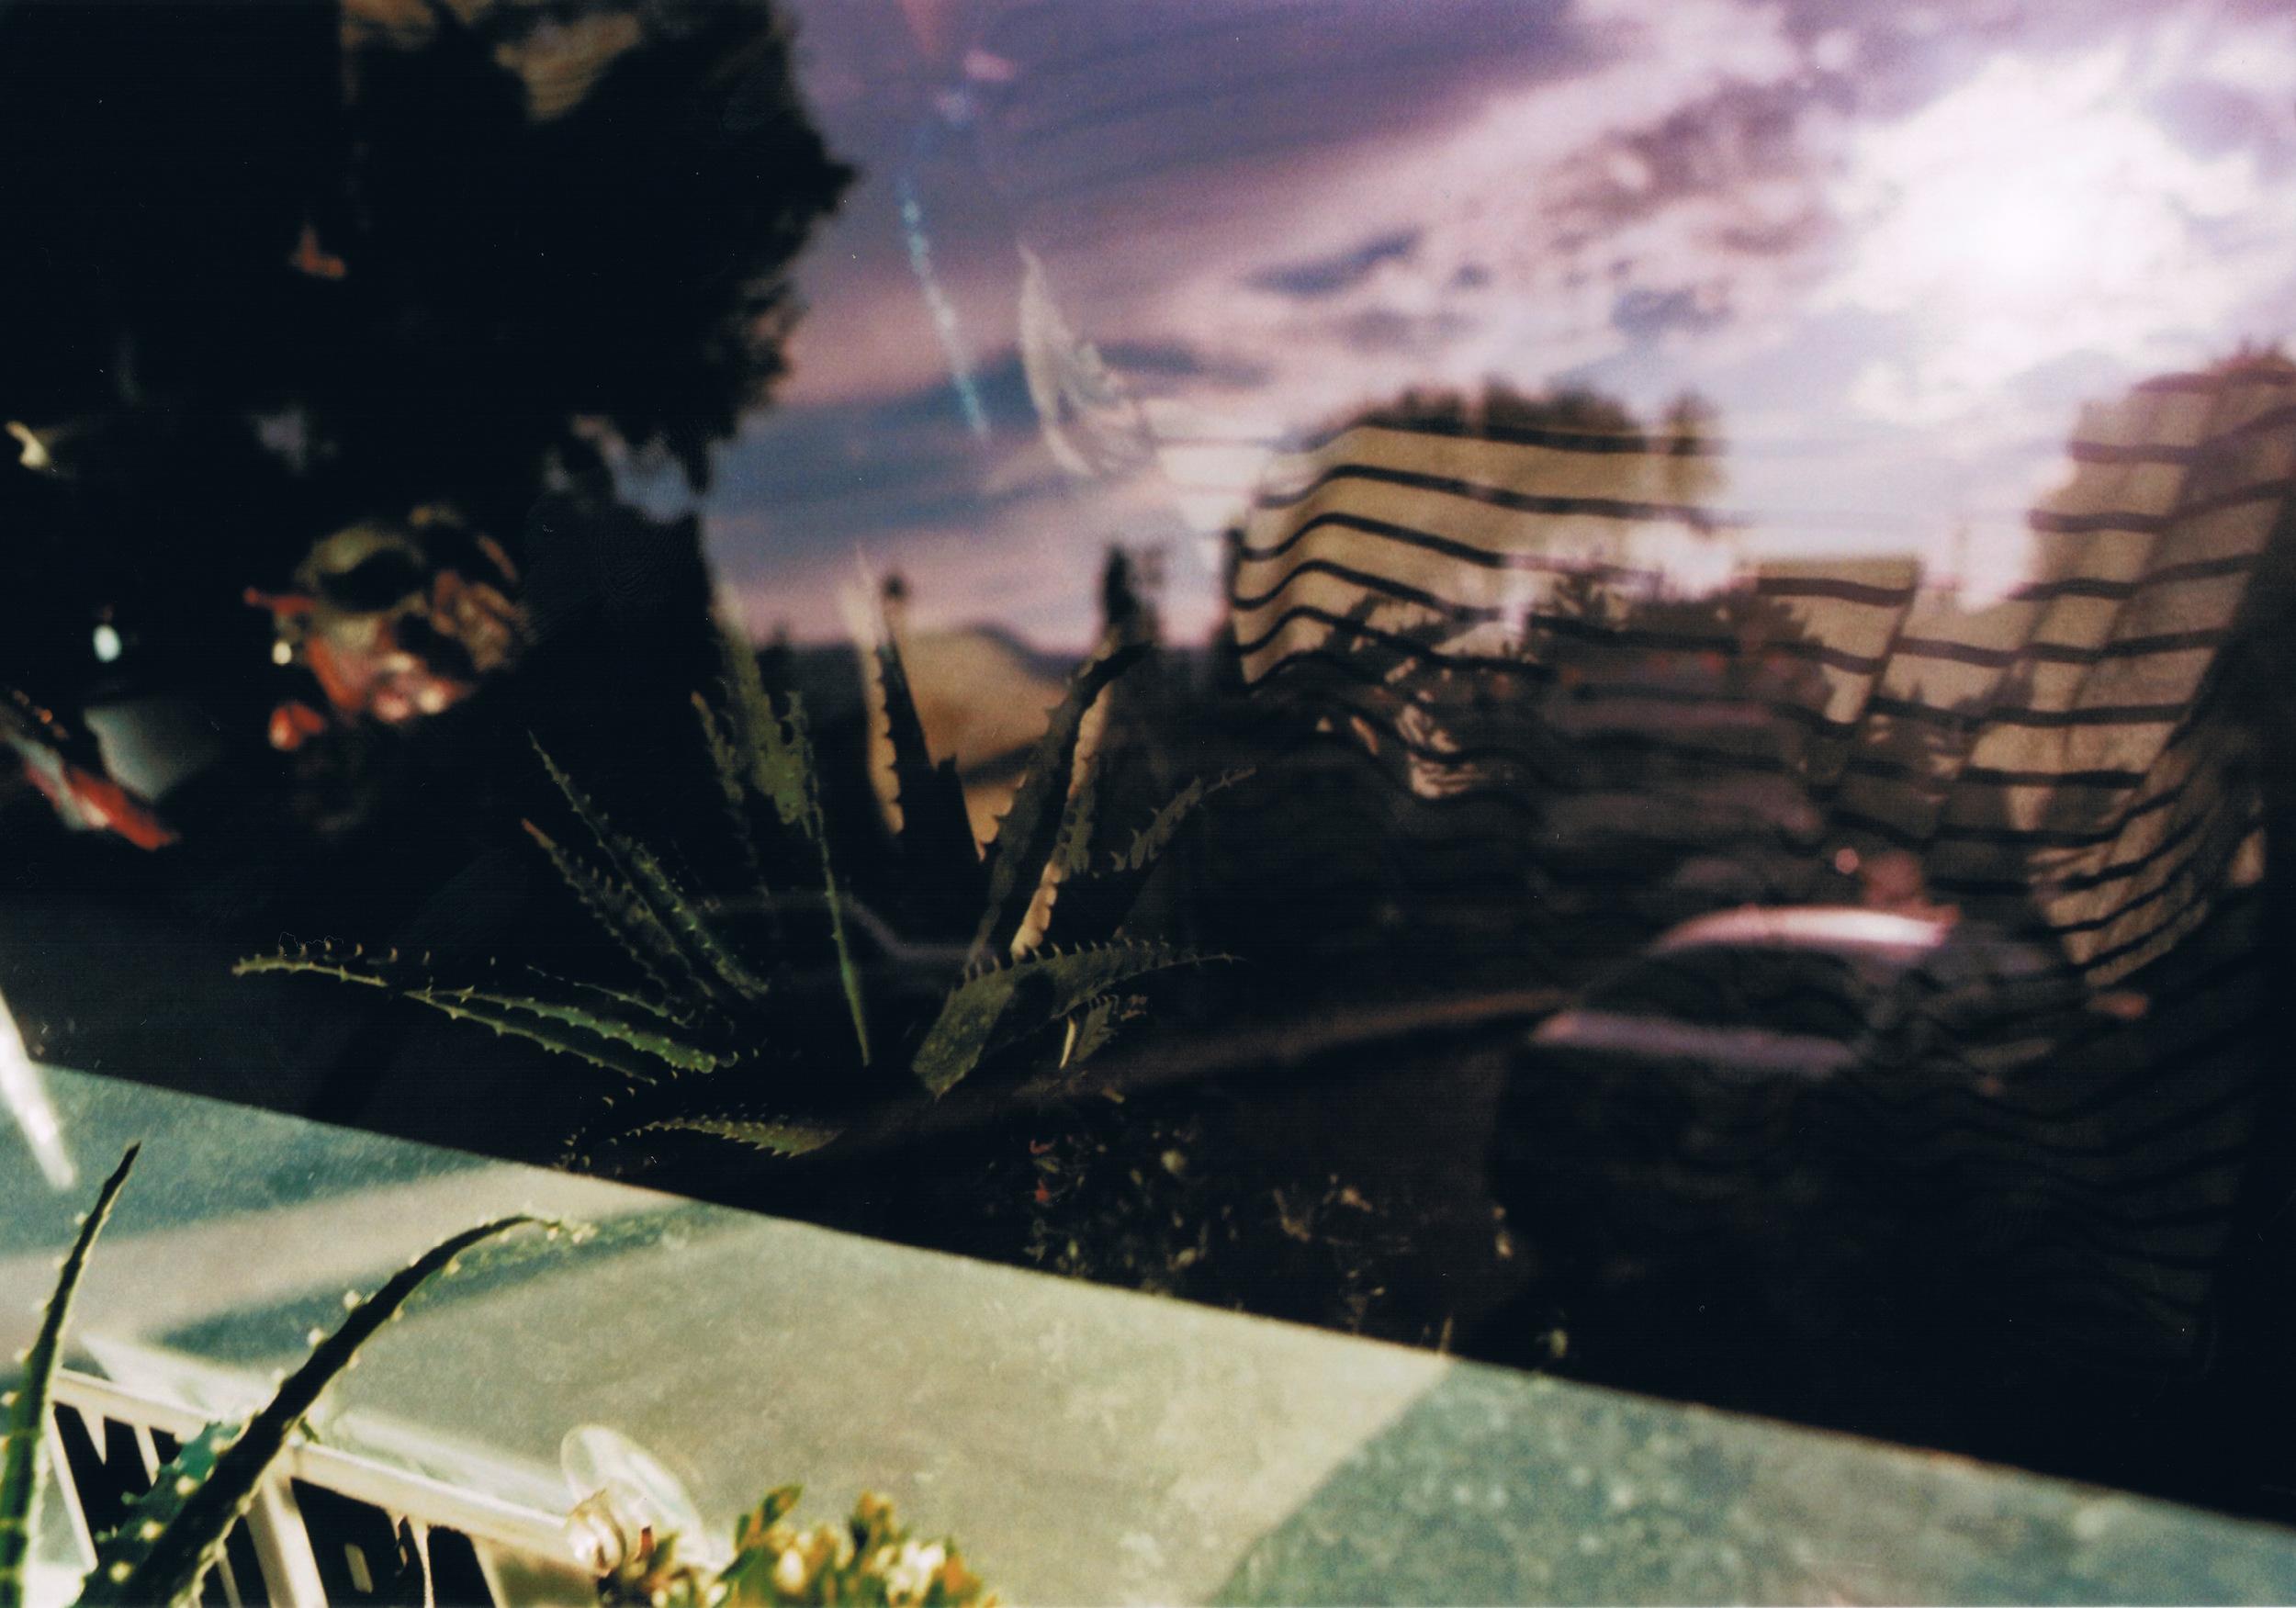 frida und ihre spiegelung vor streifen und lila licht.jpeg